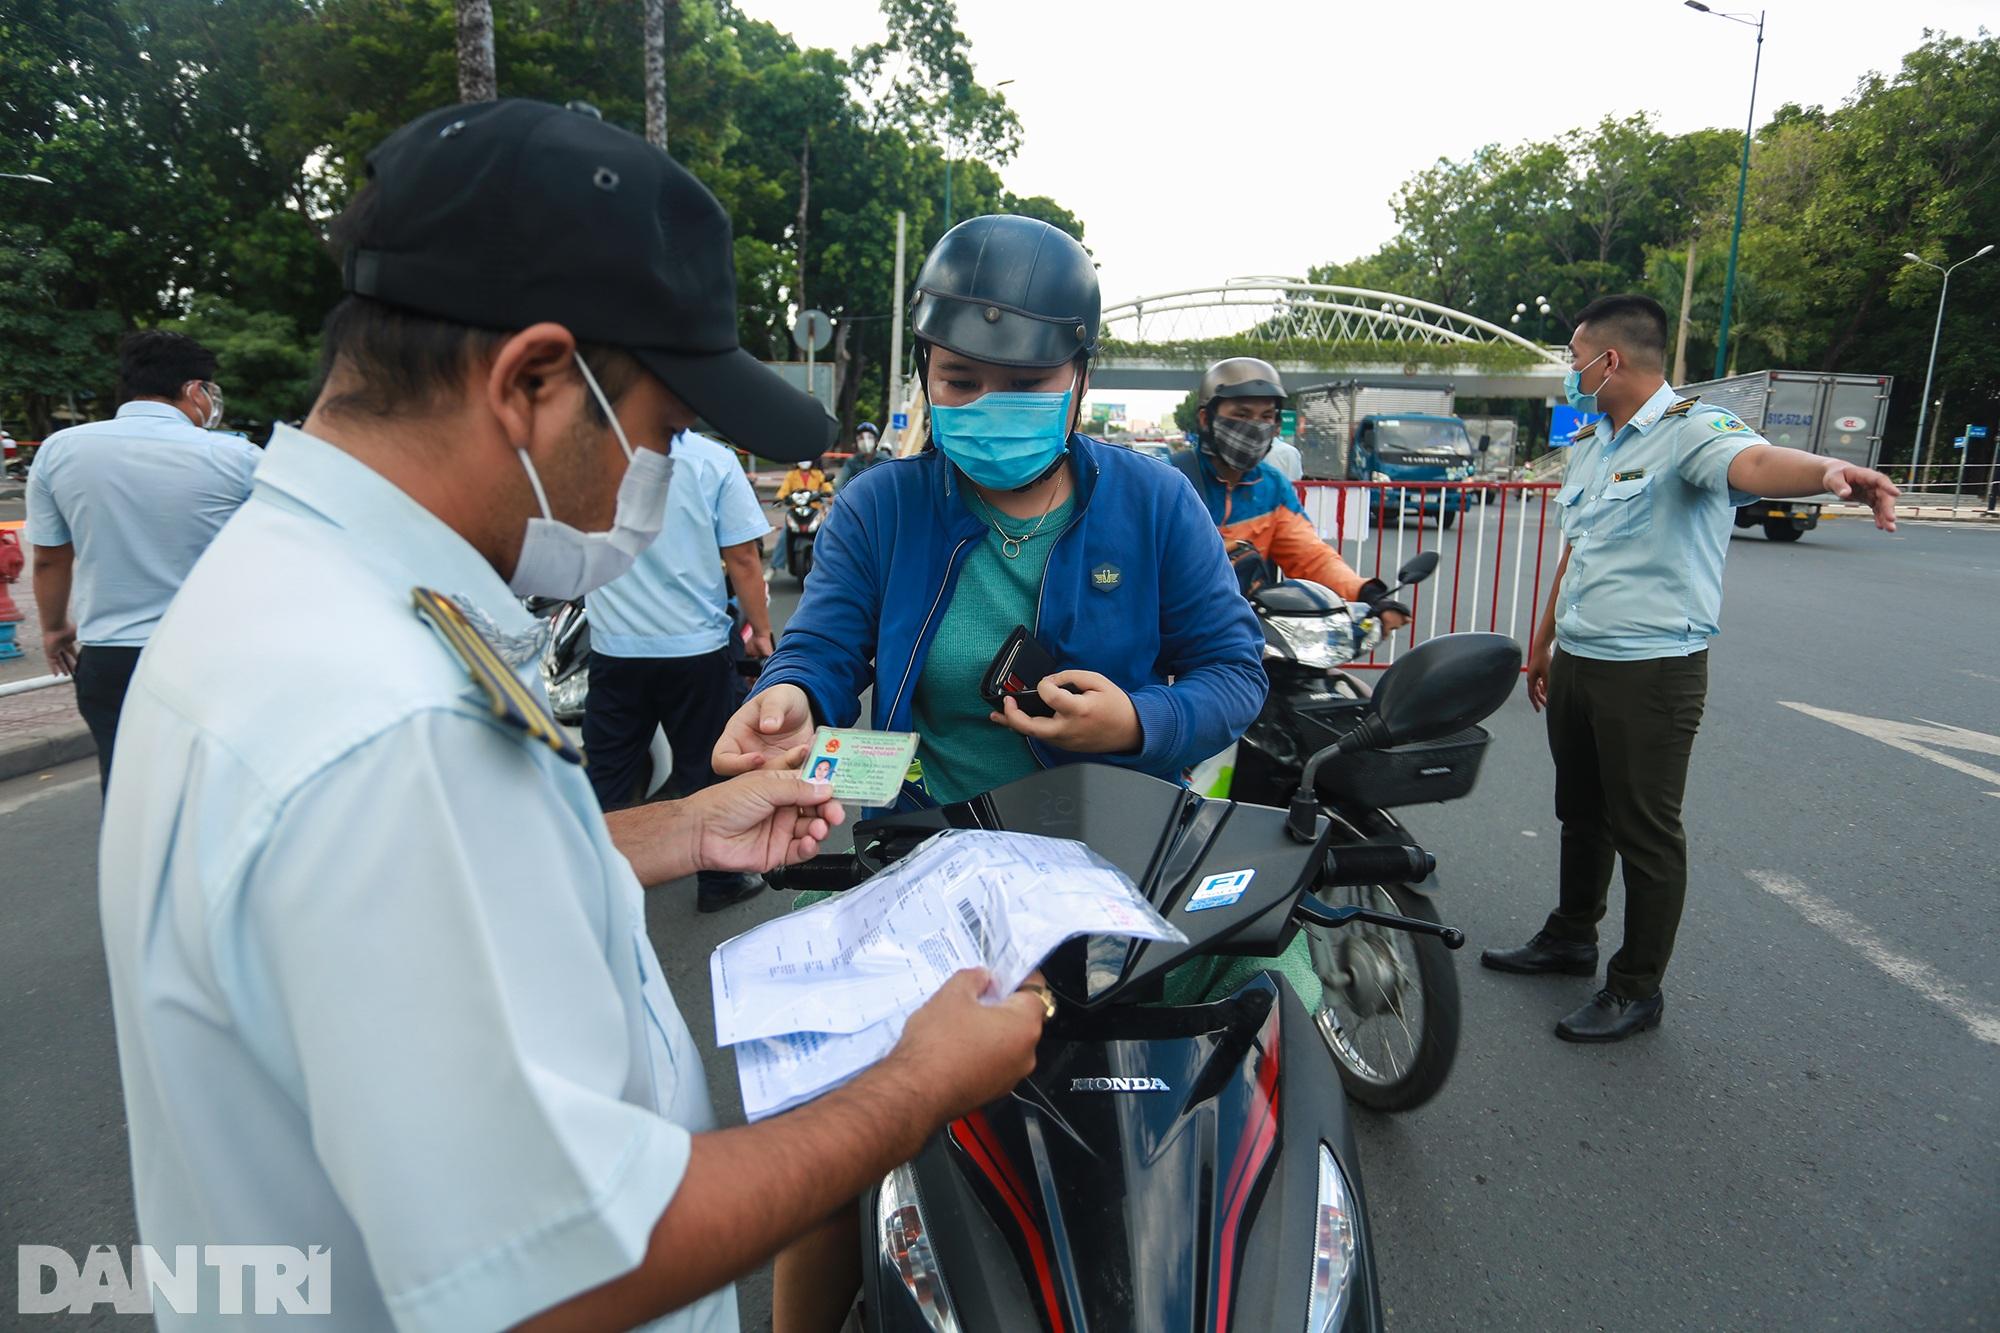 Đạp xe ra đường ở TPHCM với lý do mập mờ không thể xác thực bị phạt 2 triệu - 6